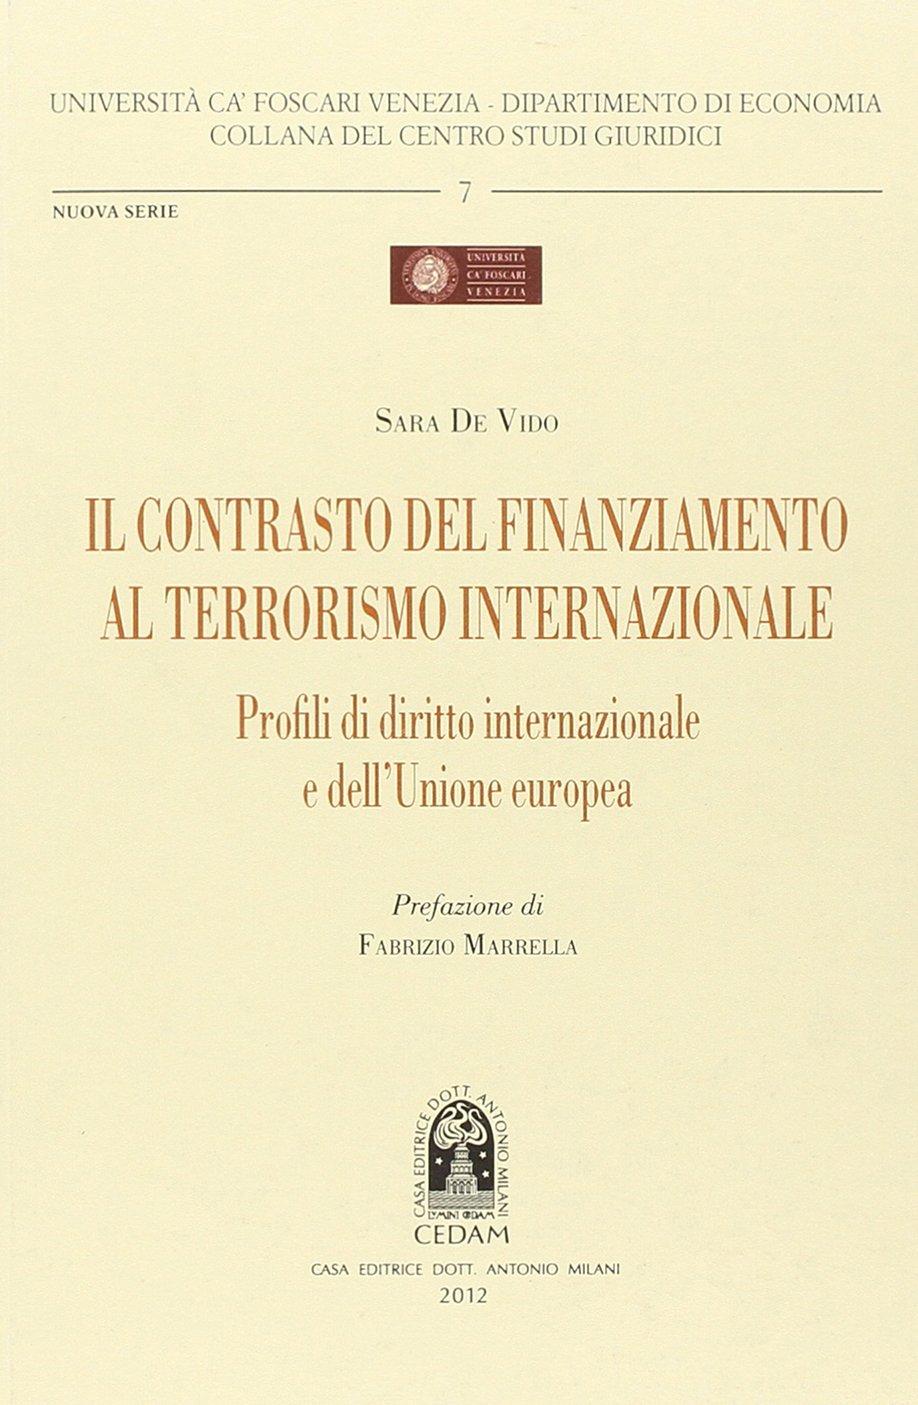 Il contrasto del finanziamento al terrorismo internazionale. Profili di diritto internazionale e dell'unione Europea Copertina flessibile – 1 apr 2013 Sara De Vido CEDAM 8813331045 Diritto sul terrorismo